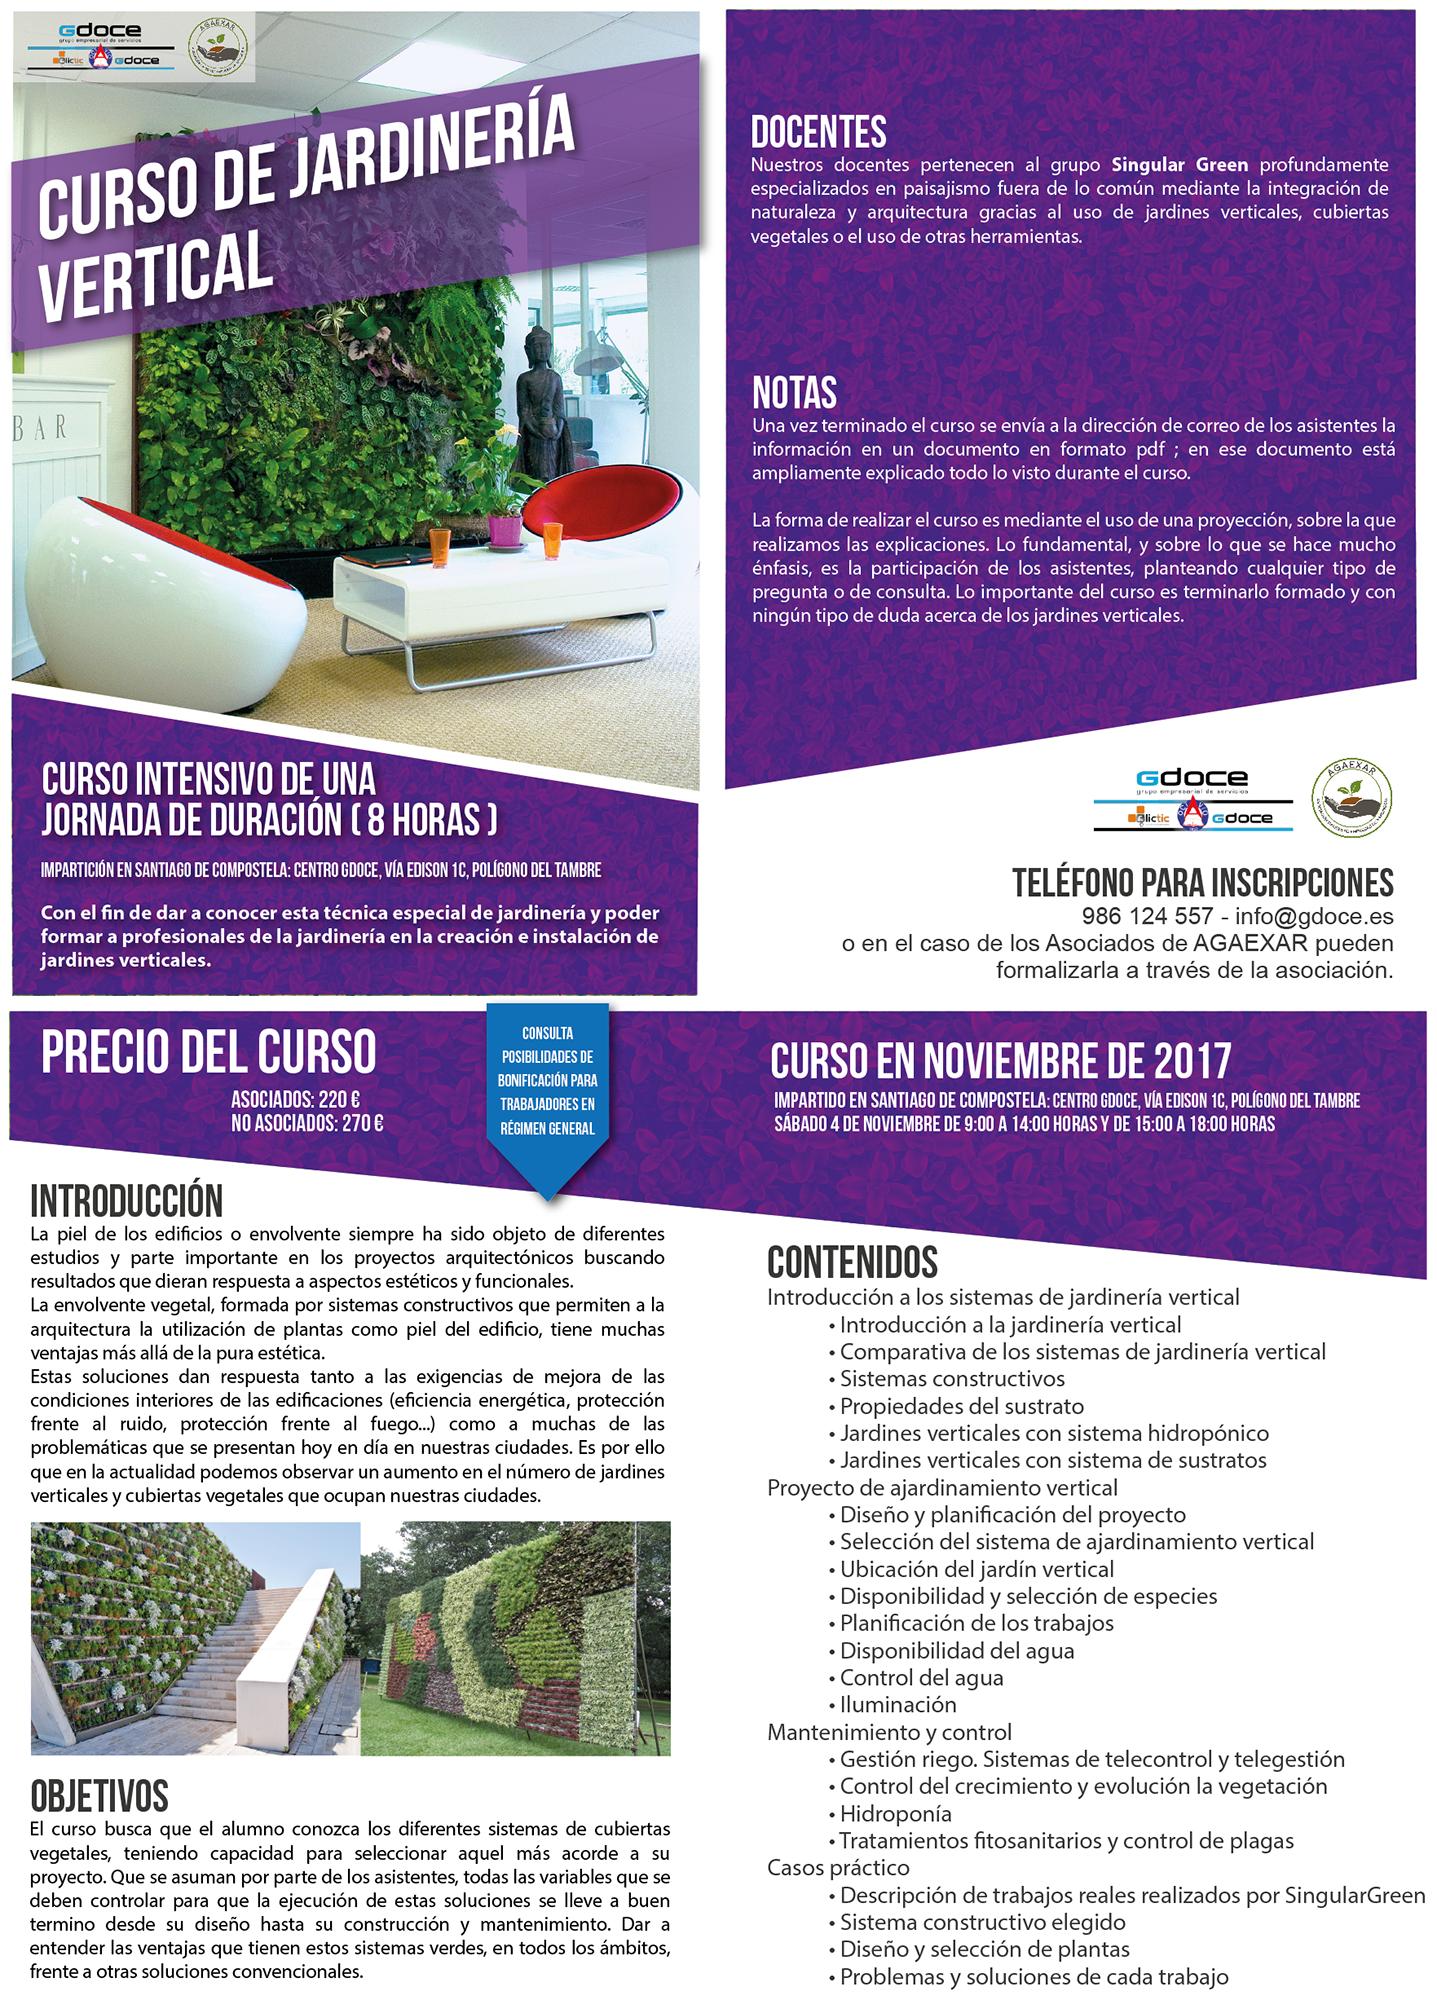 Curso de jardiner a vertical galiciangarden for Curso de jardineria